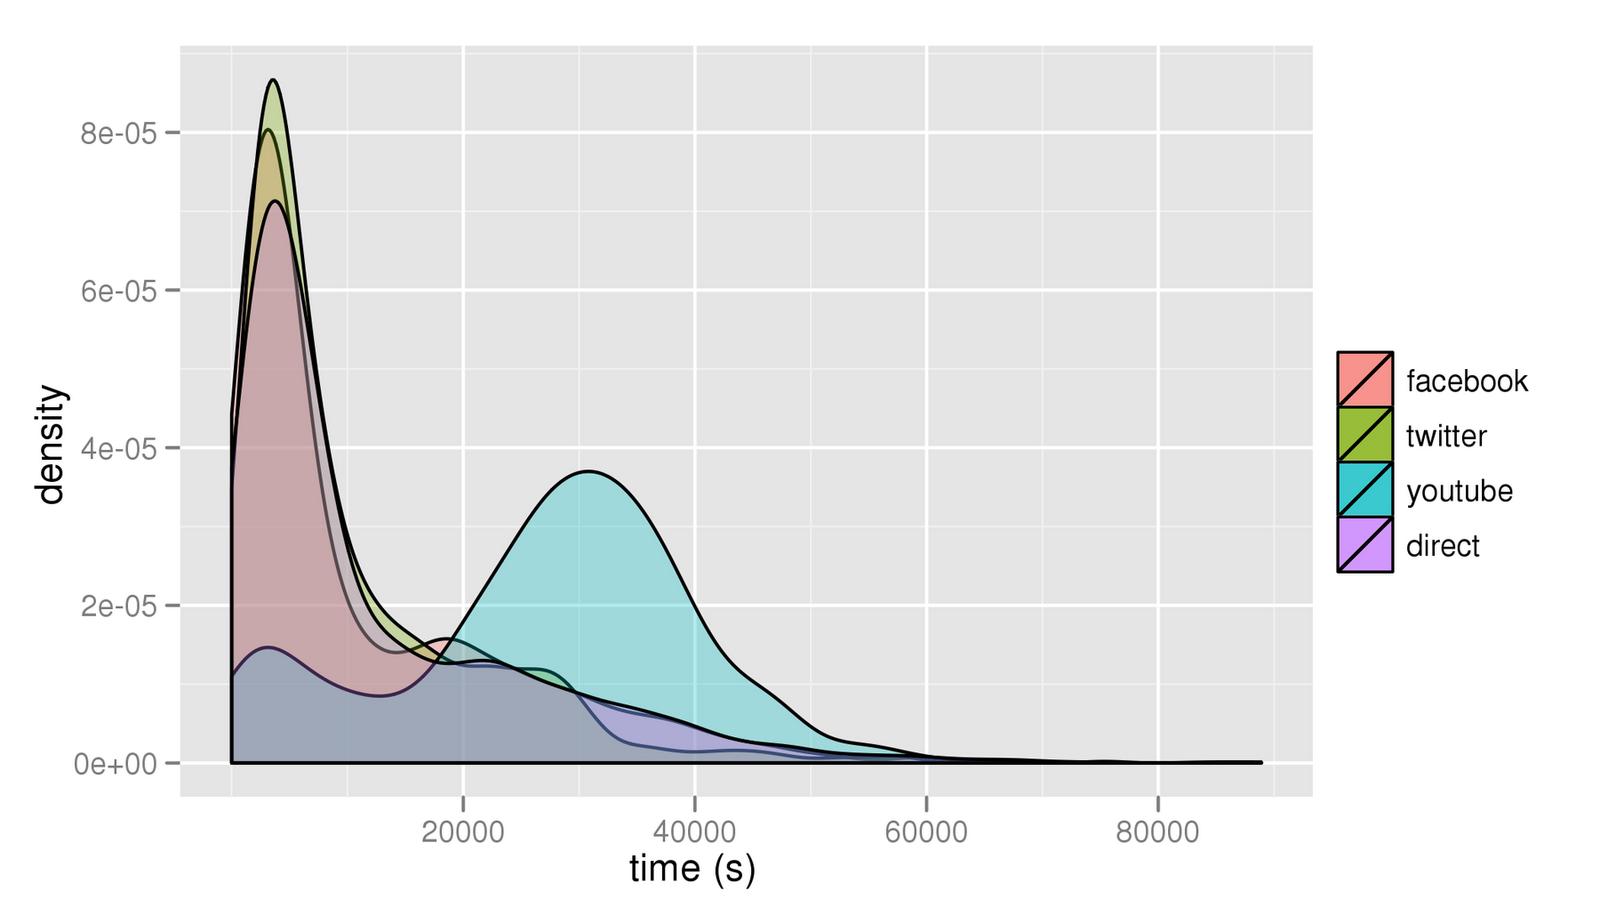 El gráfico compara la duración que tiene un enlace al ser publicado y referenciado en diferentes redes sociales.